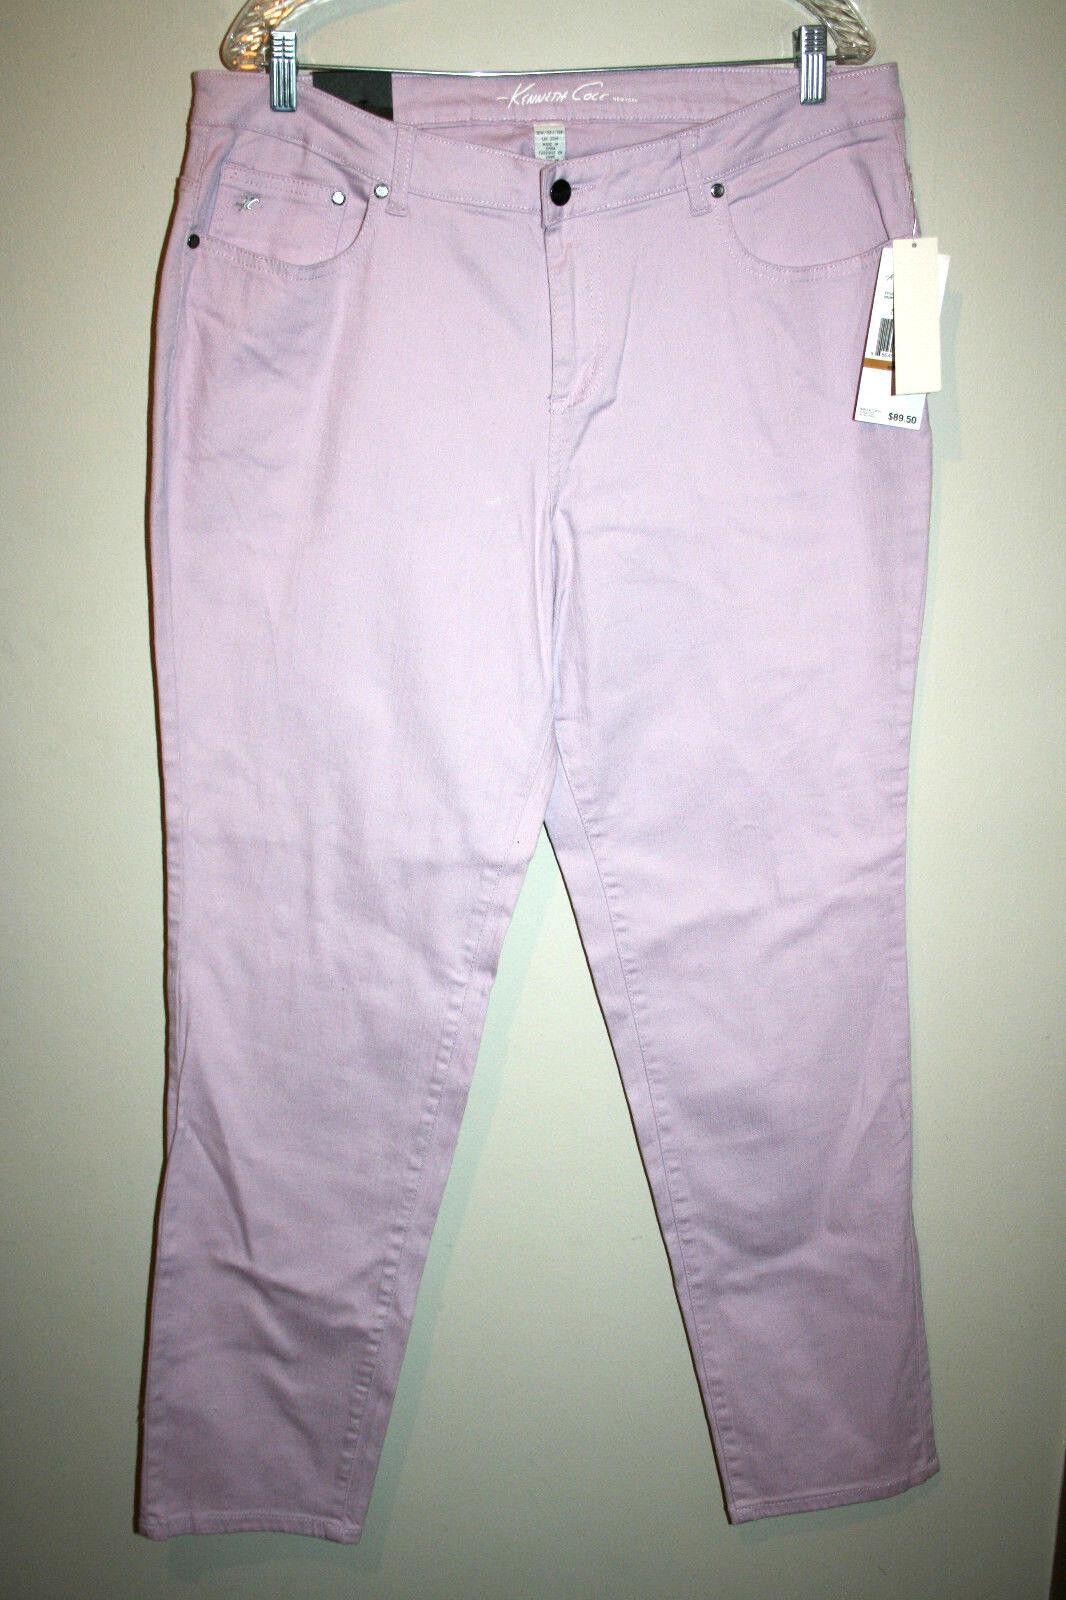 NWT Womens KENNETH COLE Slim Fit Lavender Purple Plus Size 16W 16 W NWT  89.50